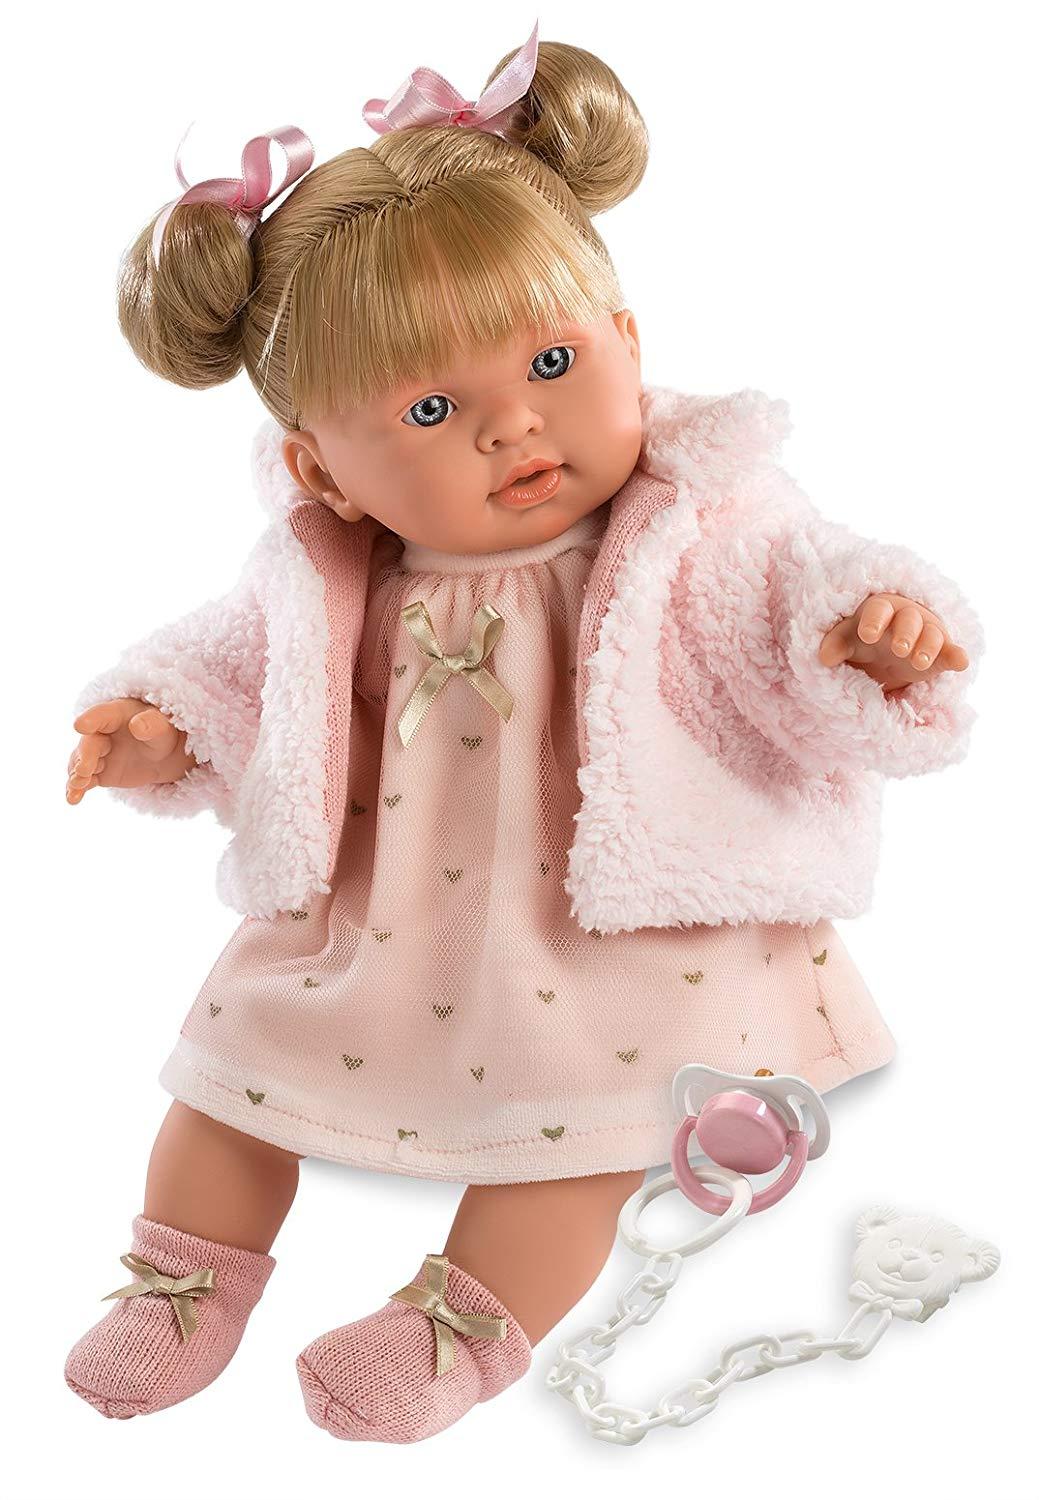 Купить Кукла Александра 42 см., со звуком, Llorens Juan